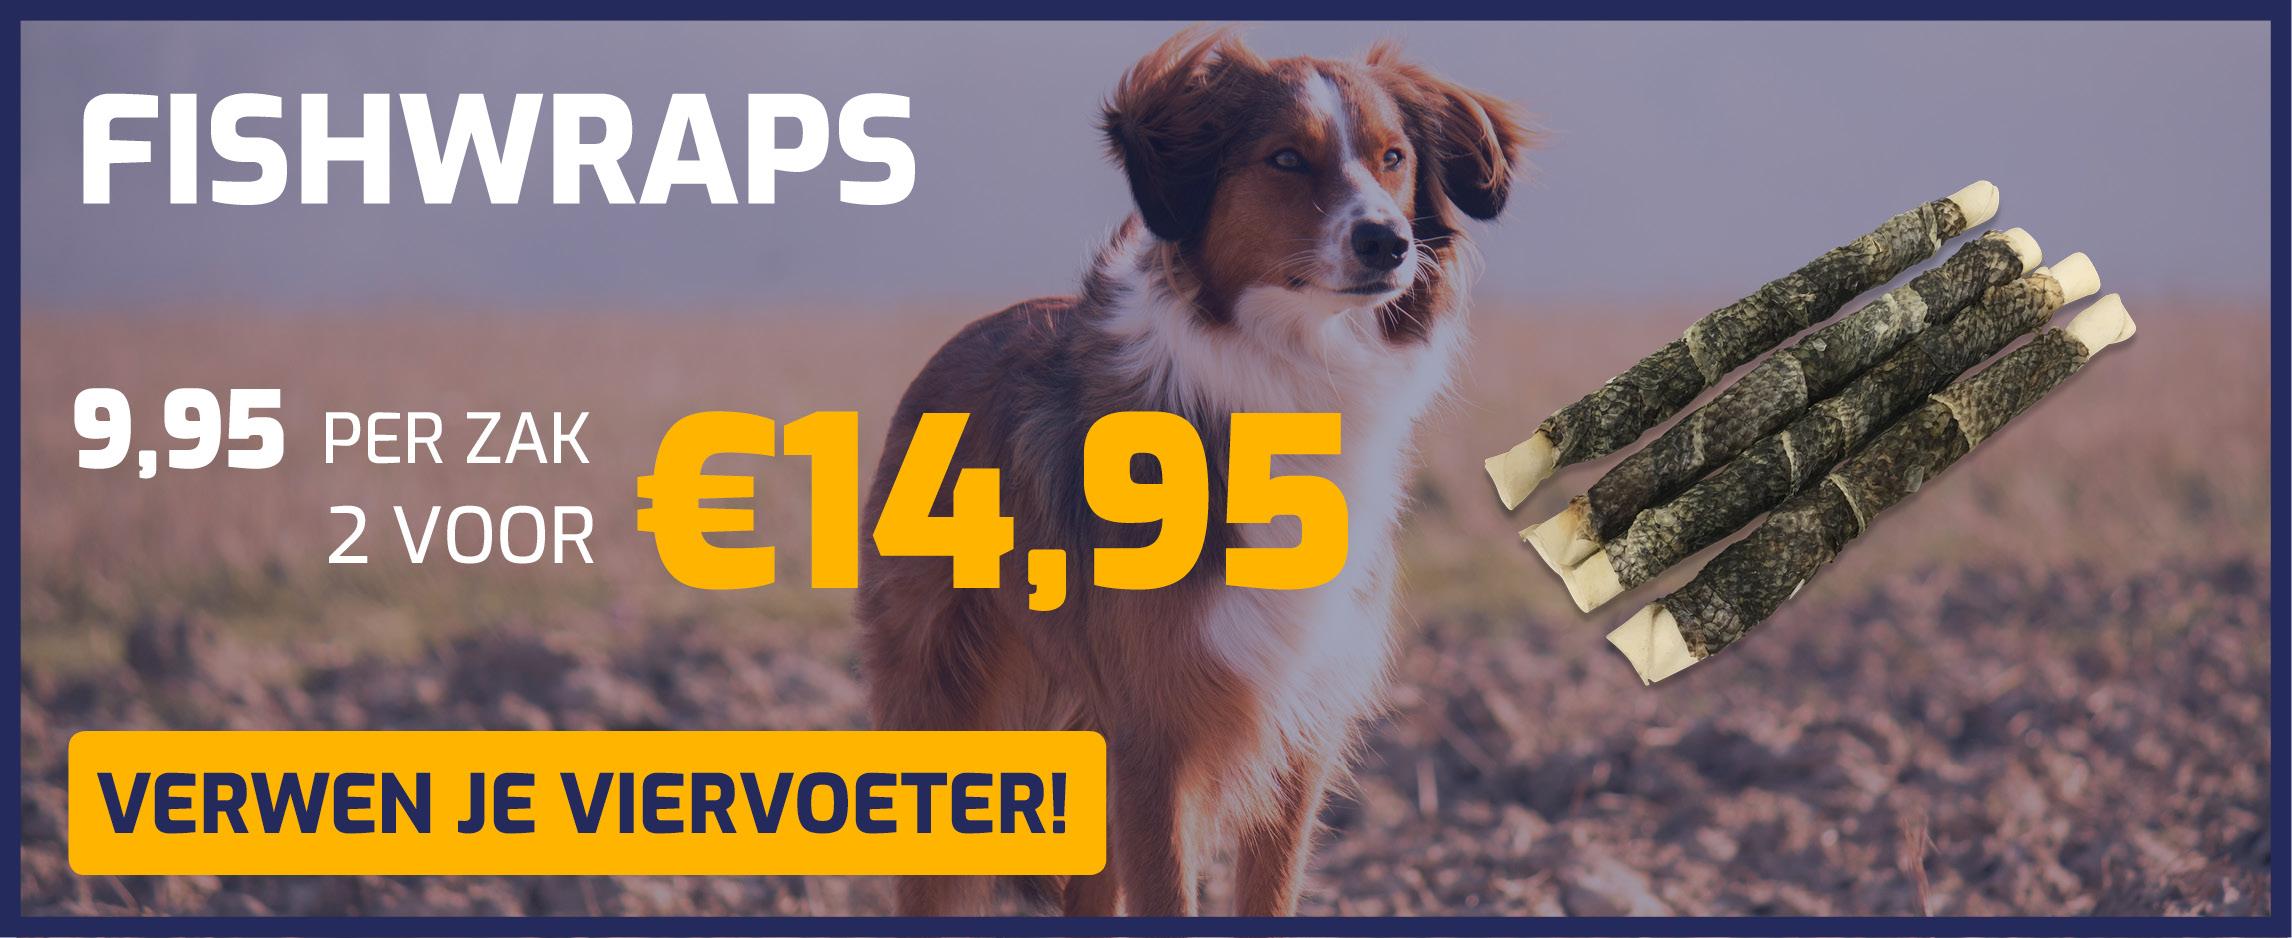 Fishwraps, nu 2 zakken voor €14,95!